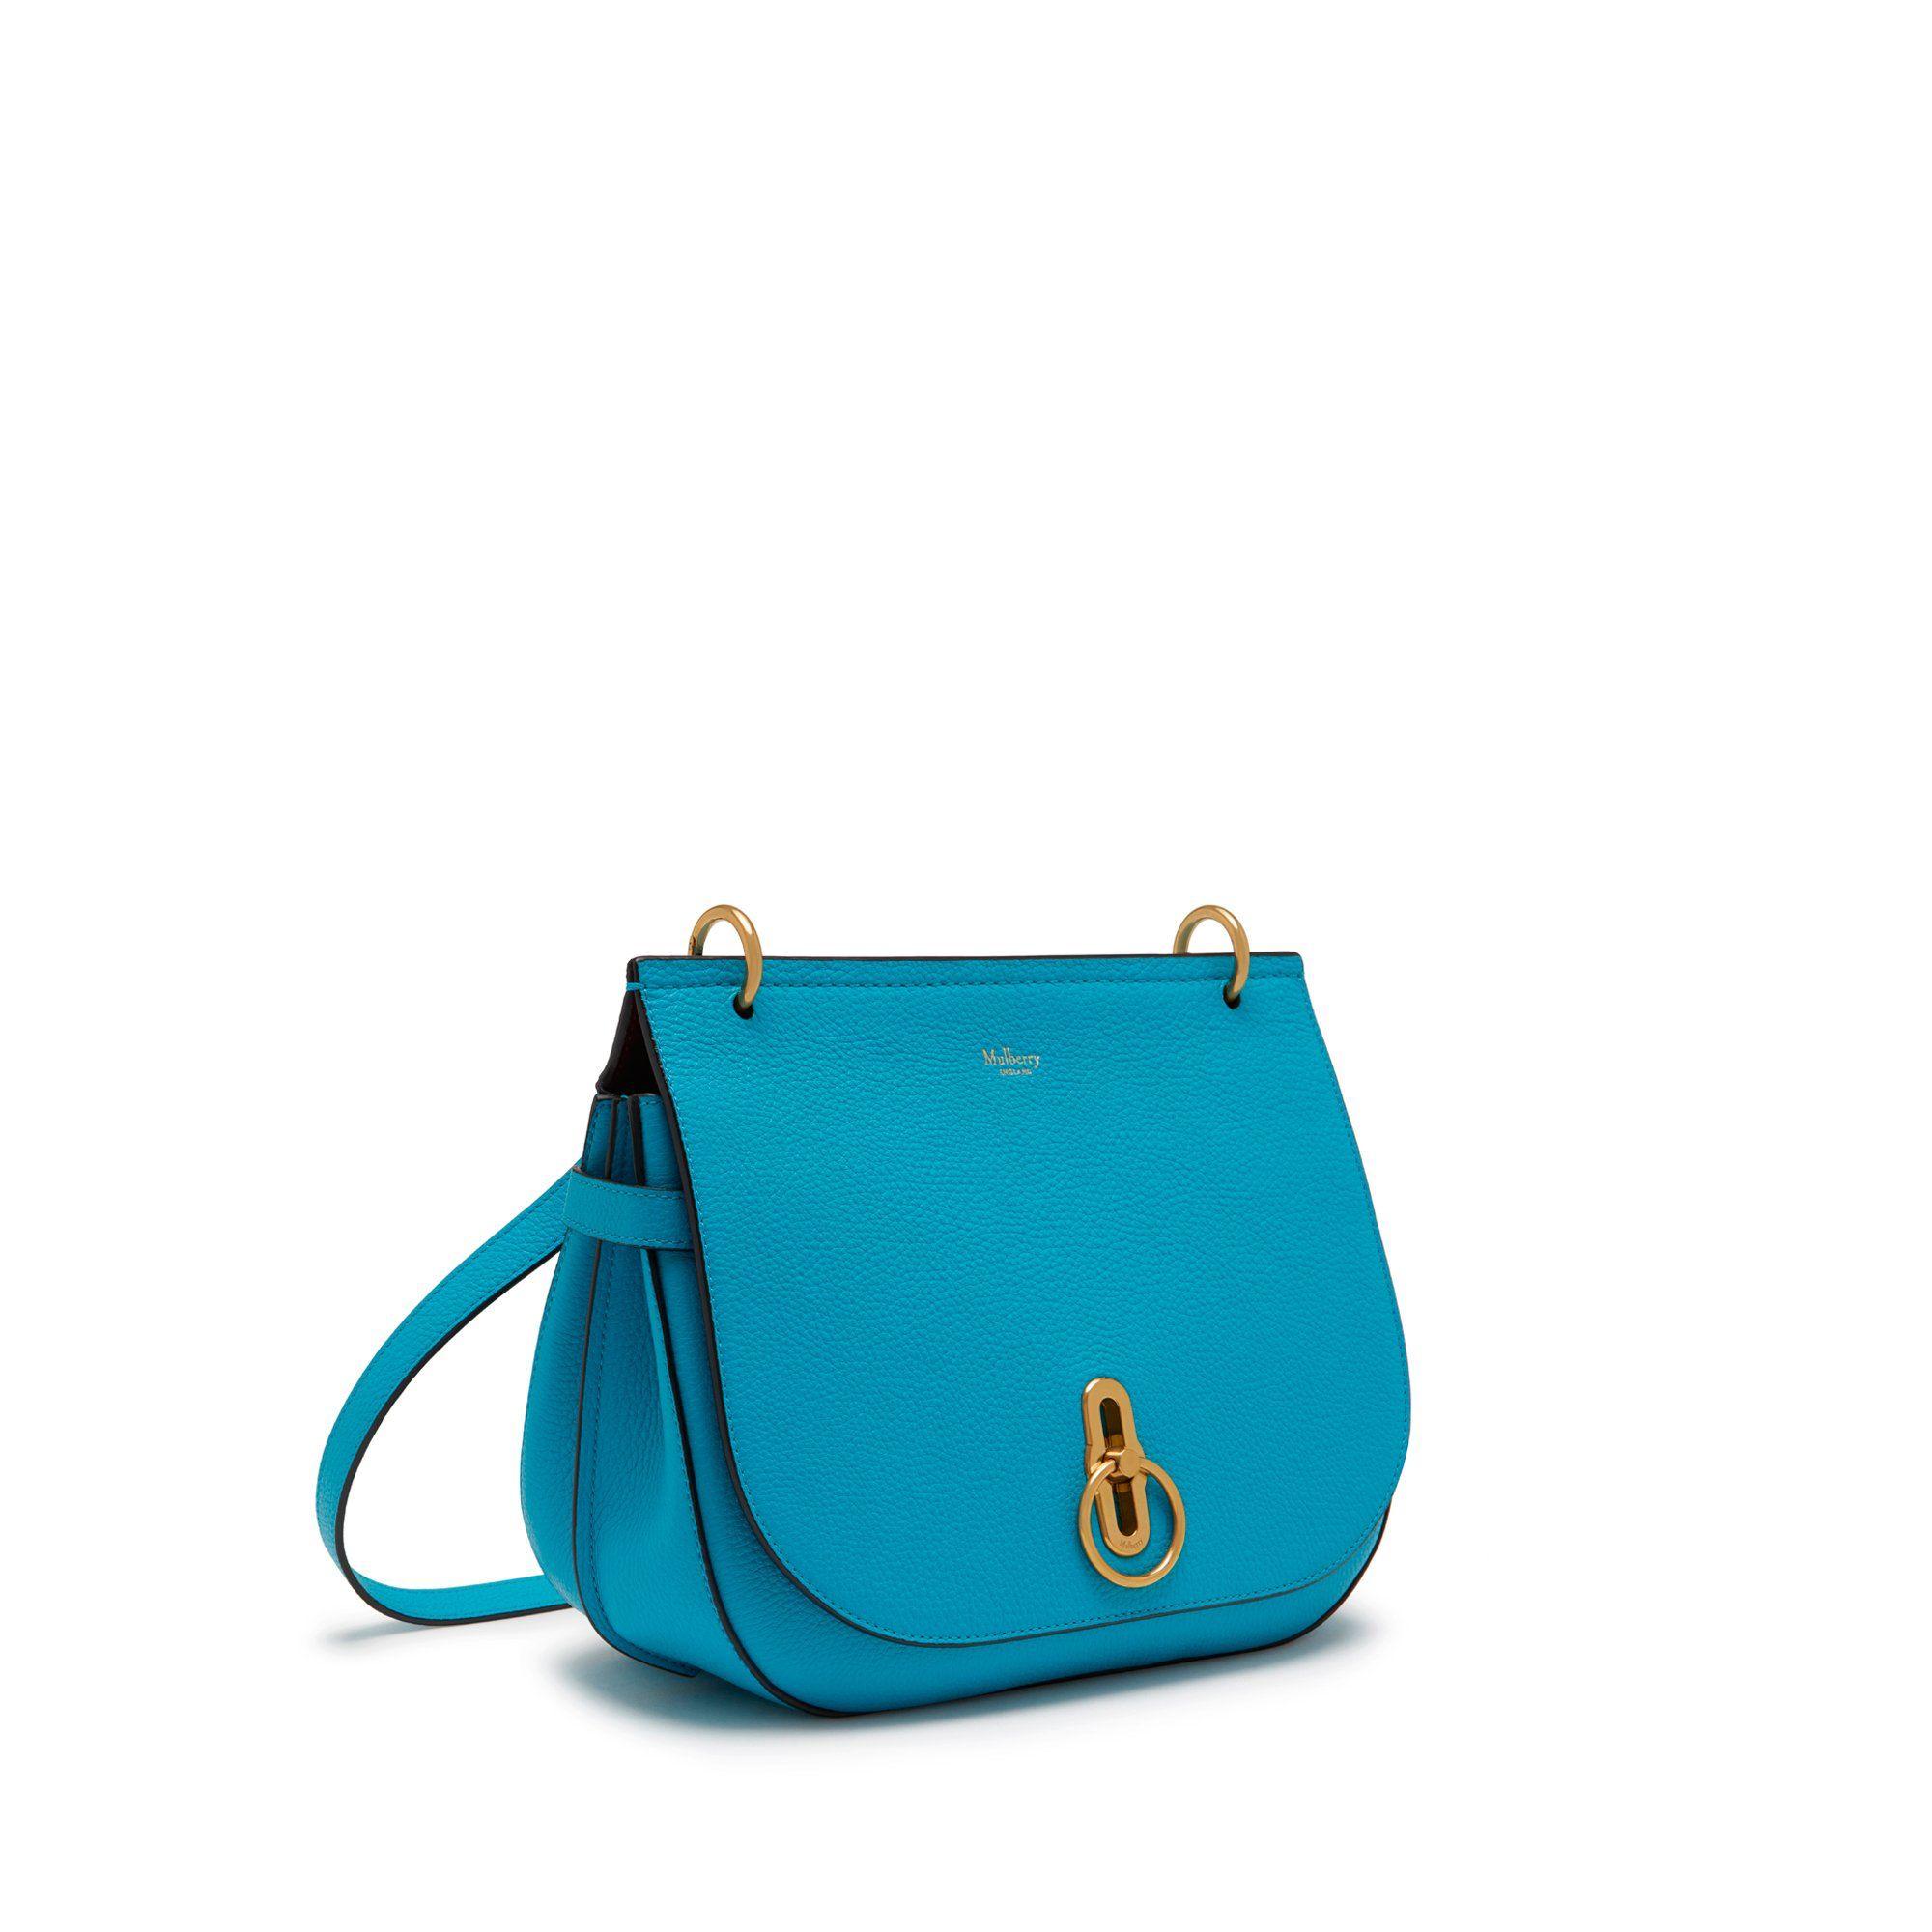 2254034df2c6 Women s Bags